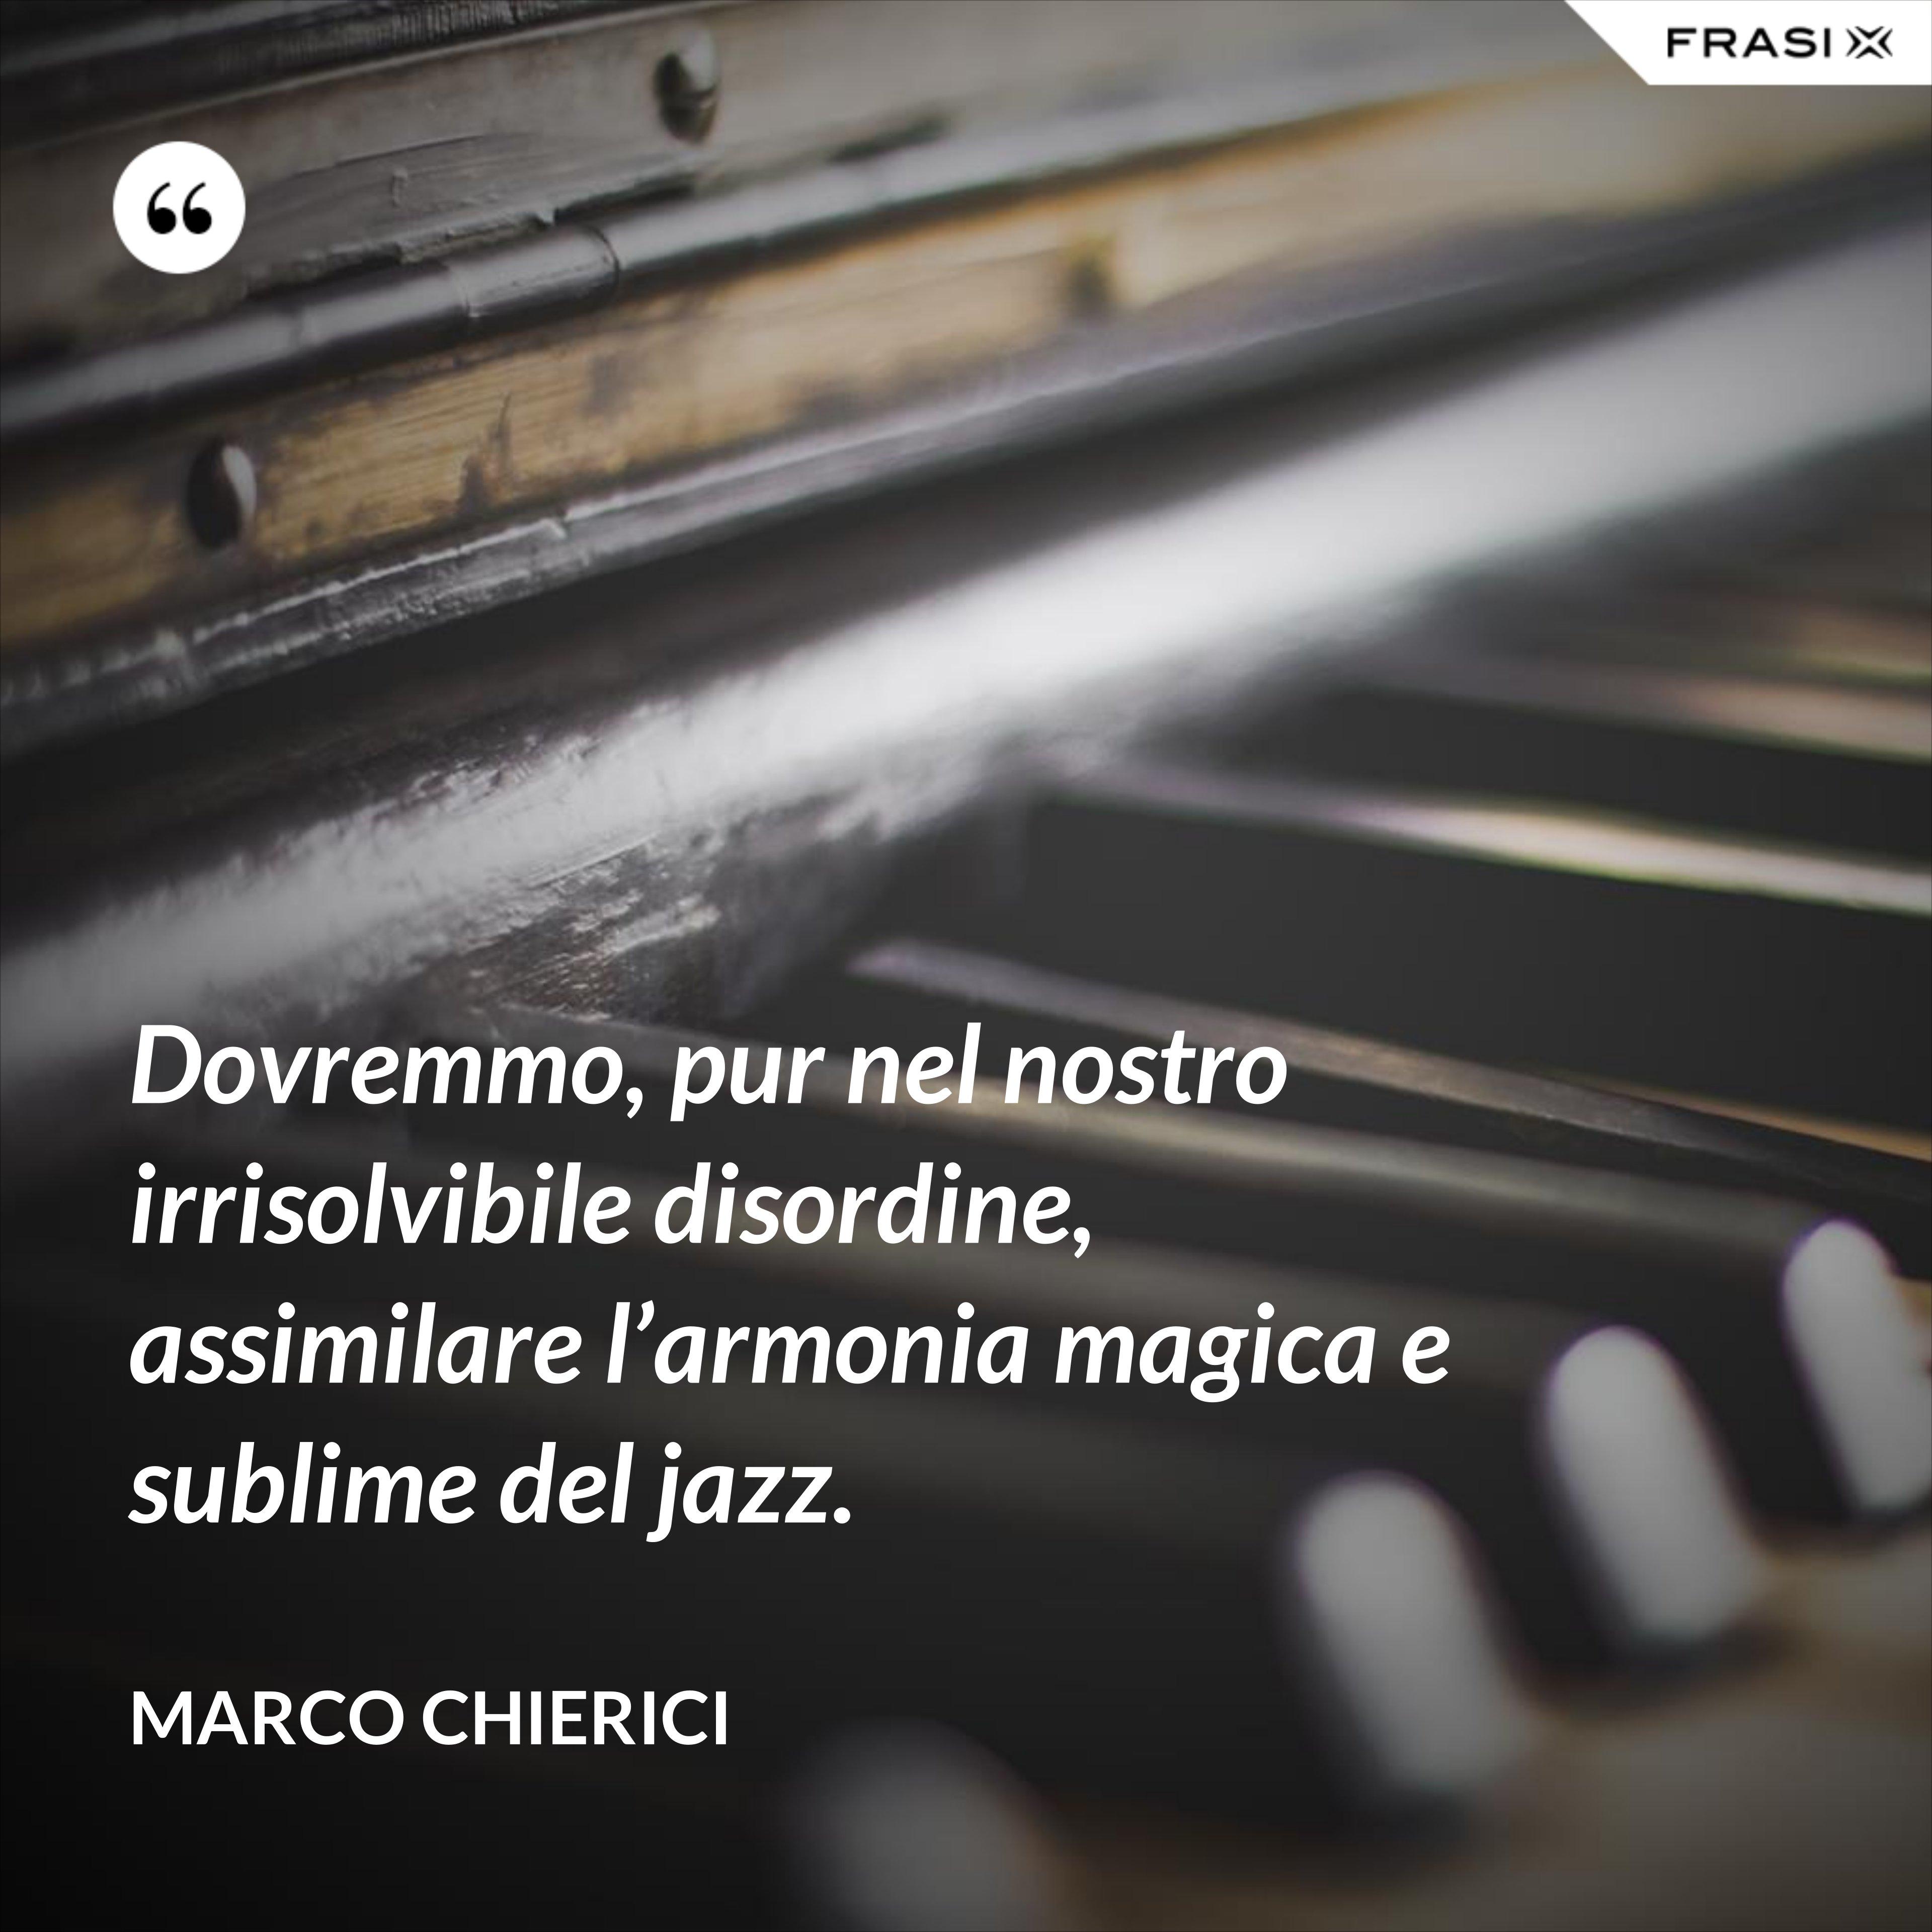 Dovremmo, pur nel nostro irrisolvibile disordine, assimilare l'armonia magica e sublime del jazz. - Marco Chierici